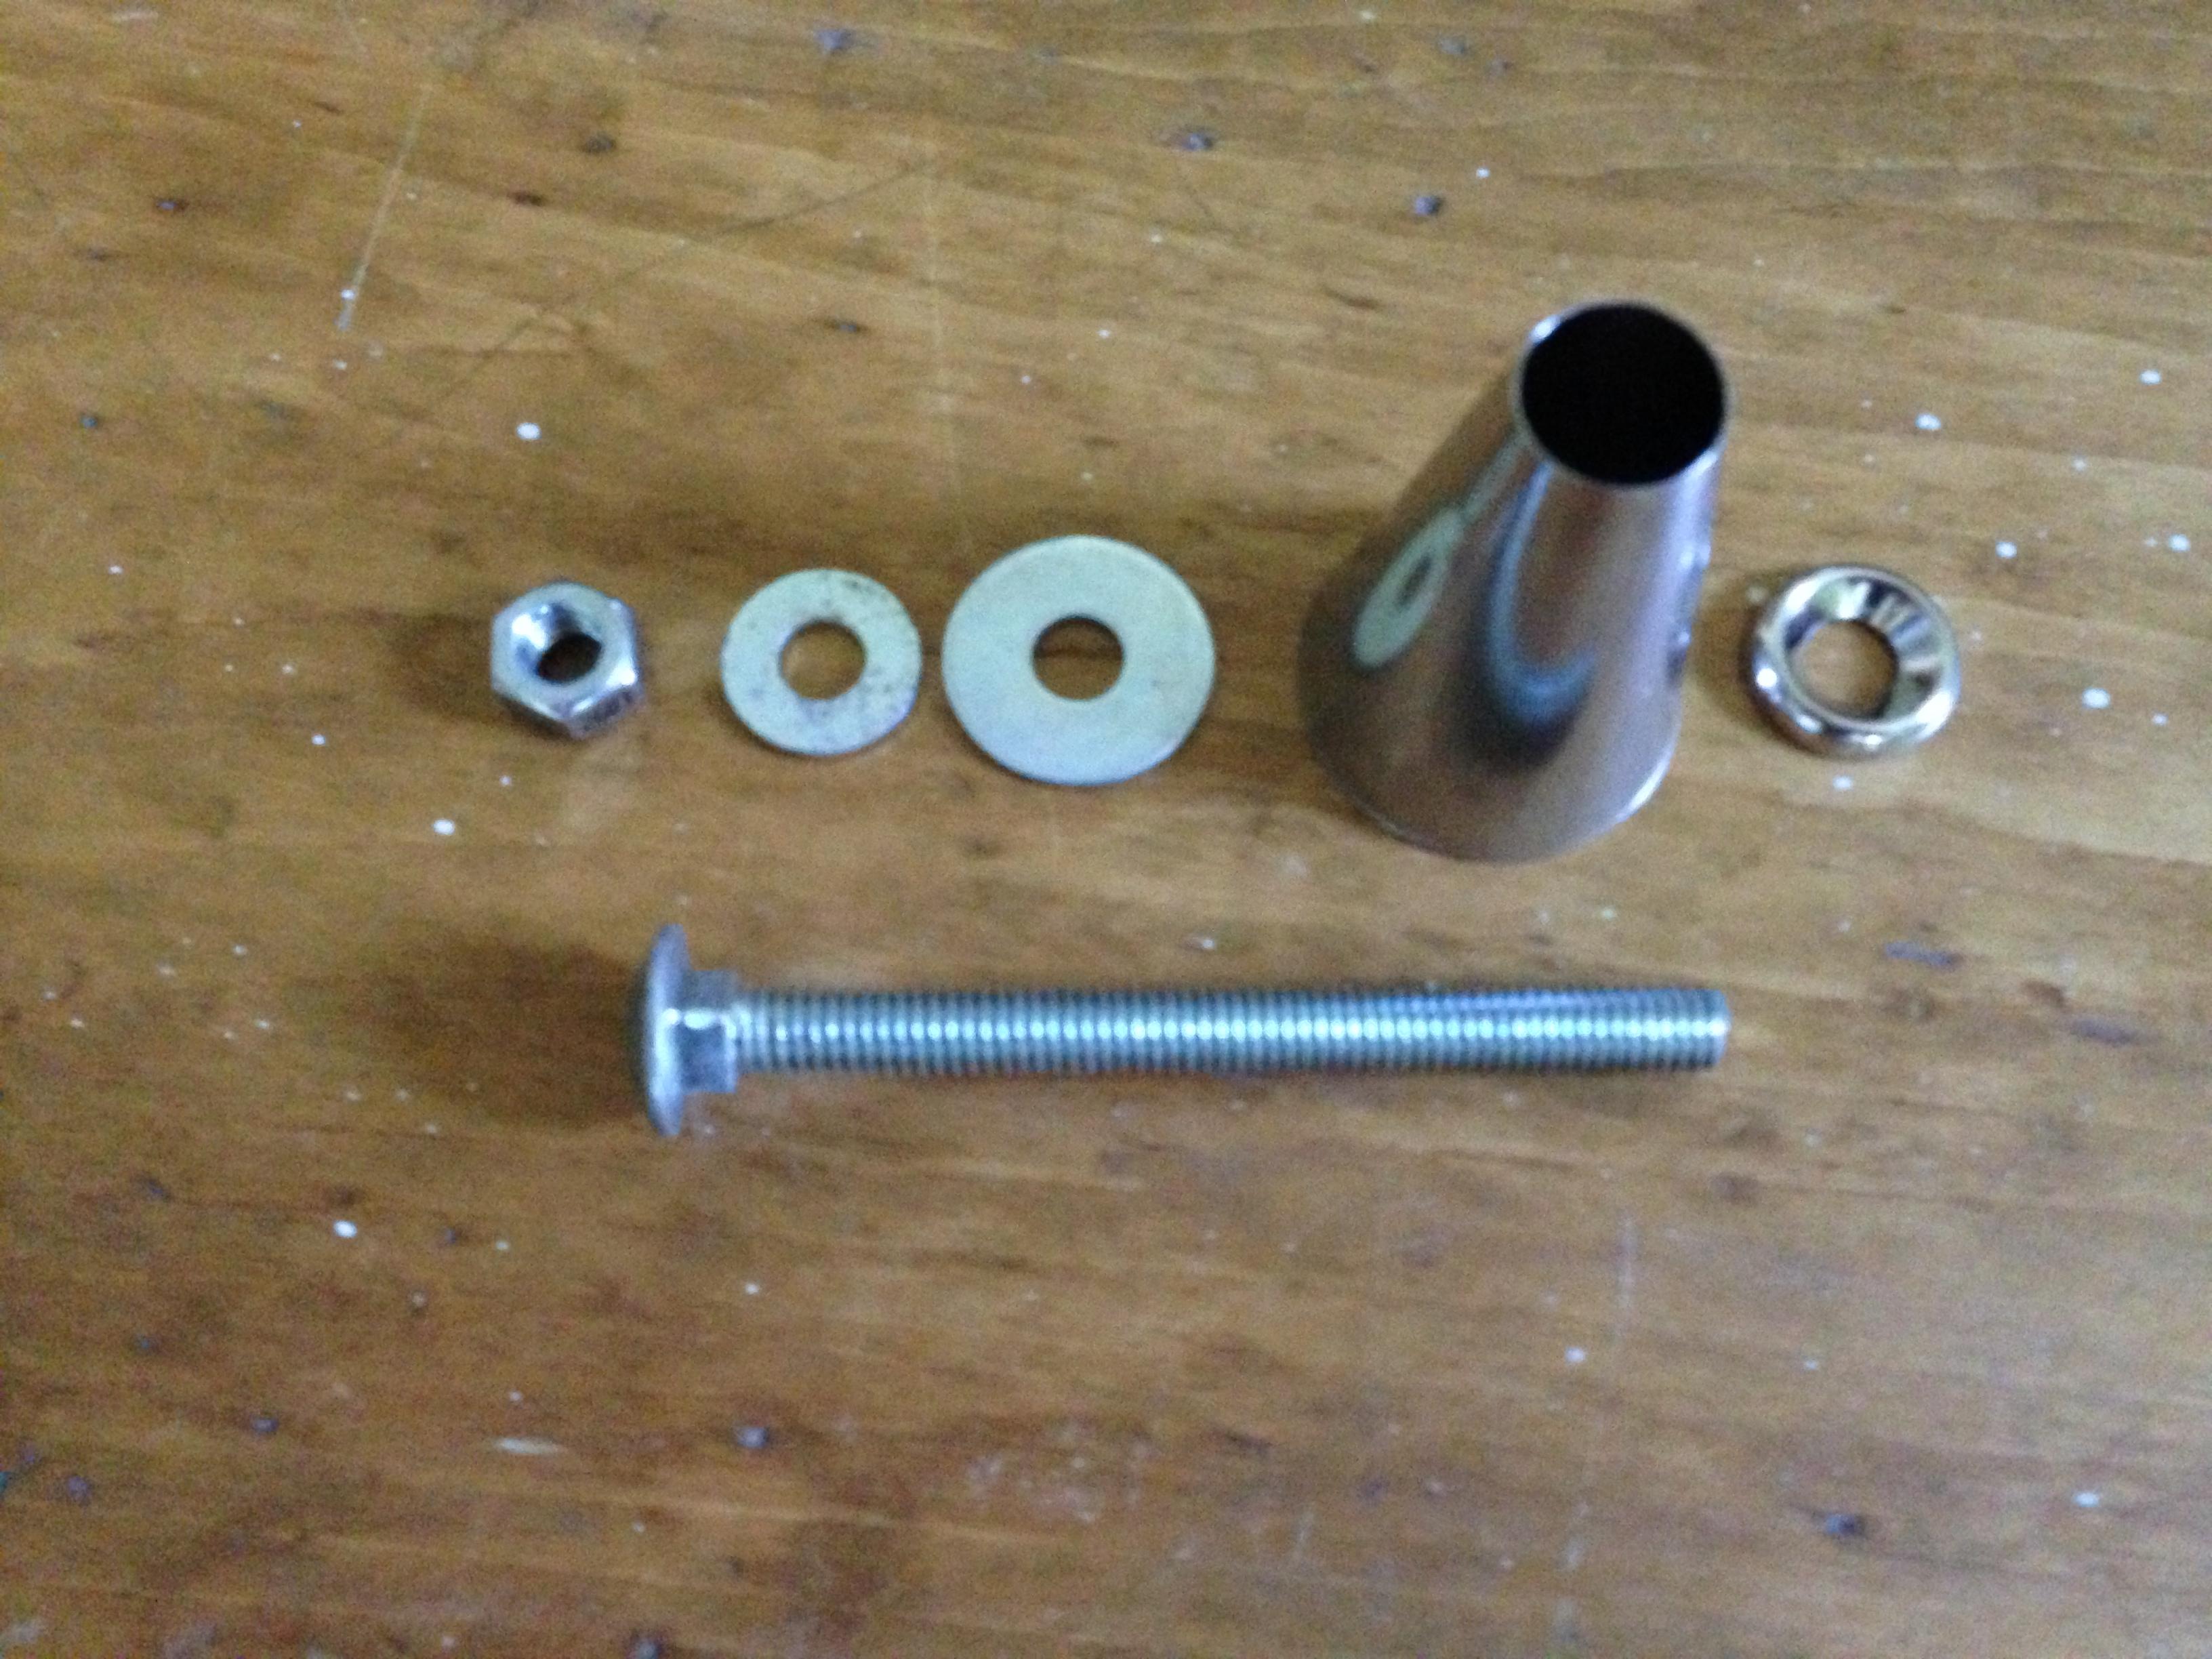 Pipe Centering Jig - Used for custom bike frame building jig